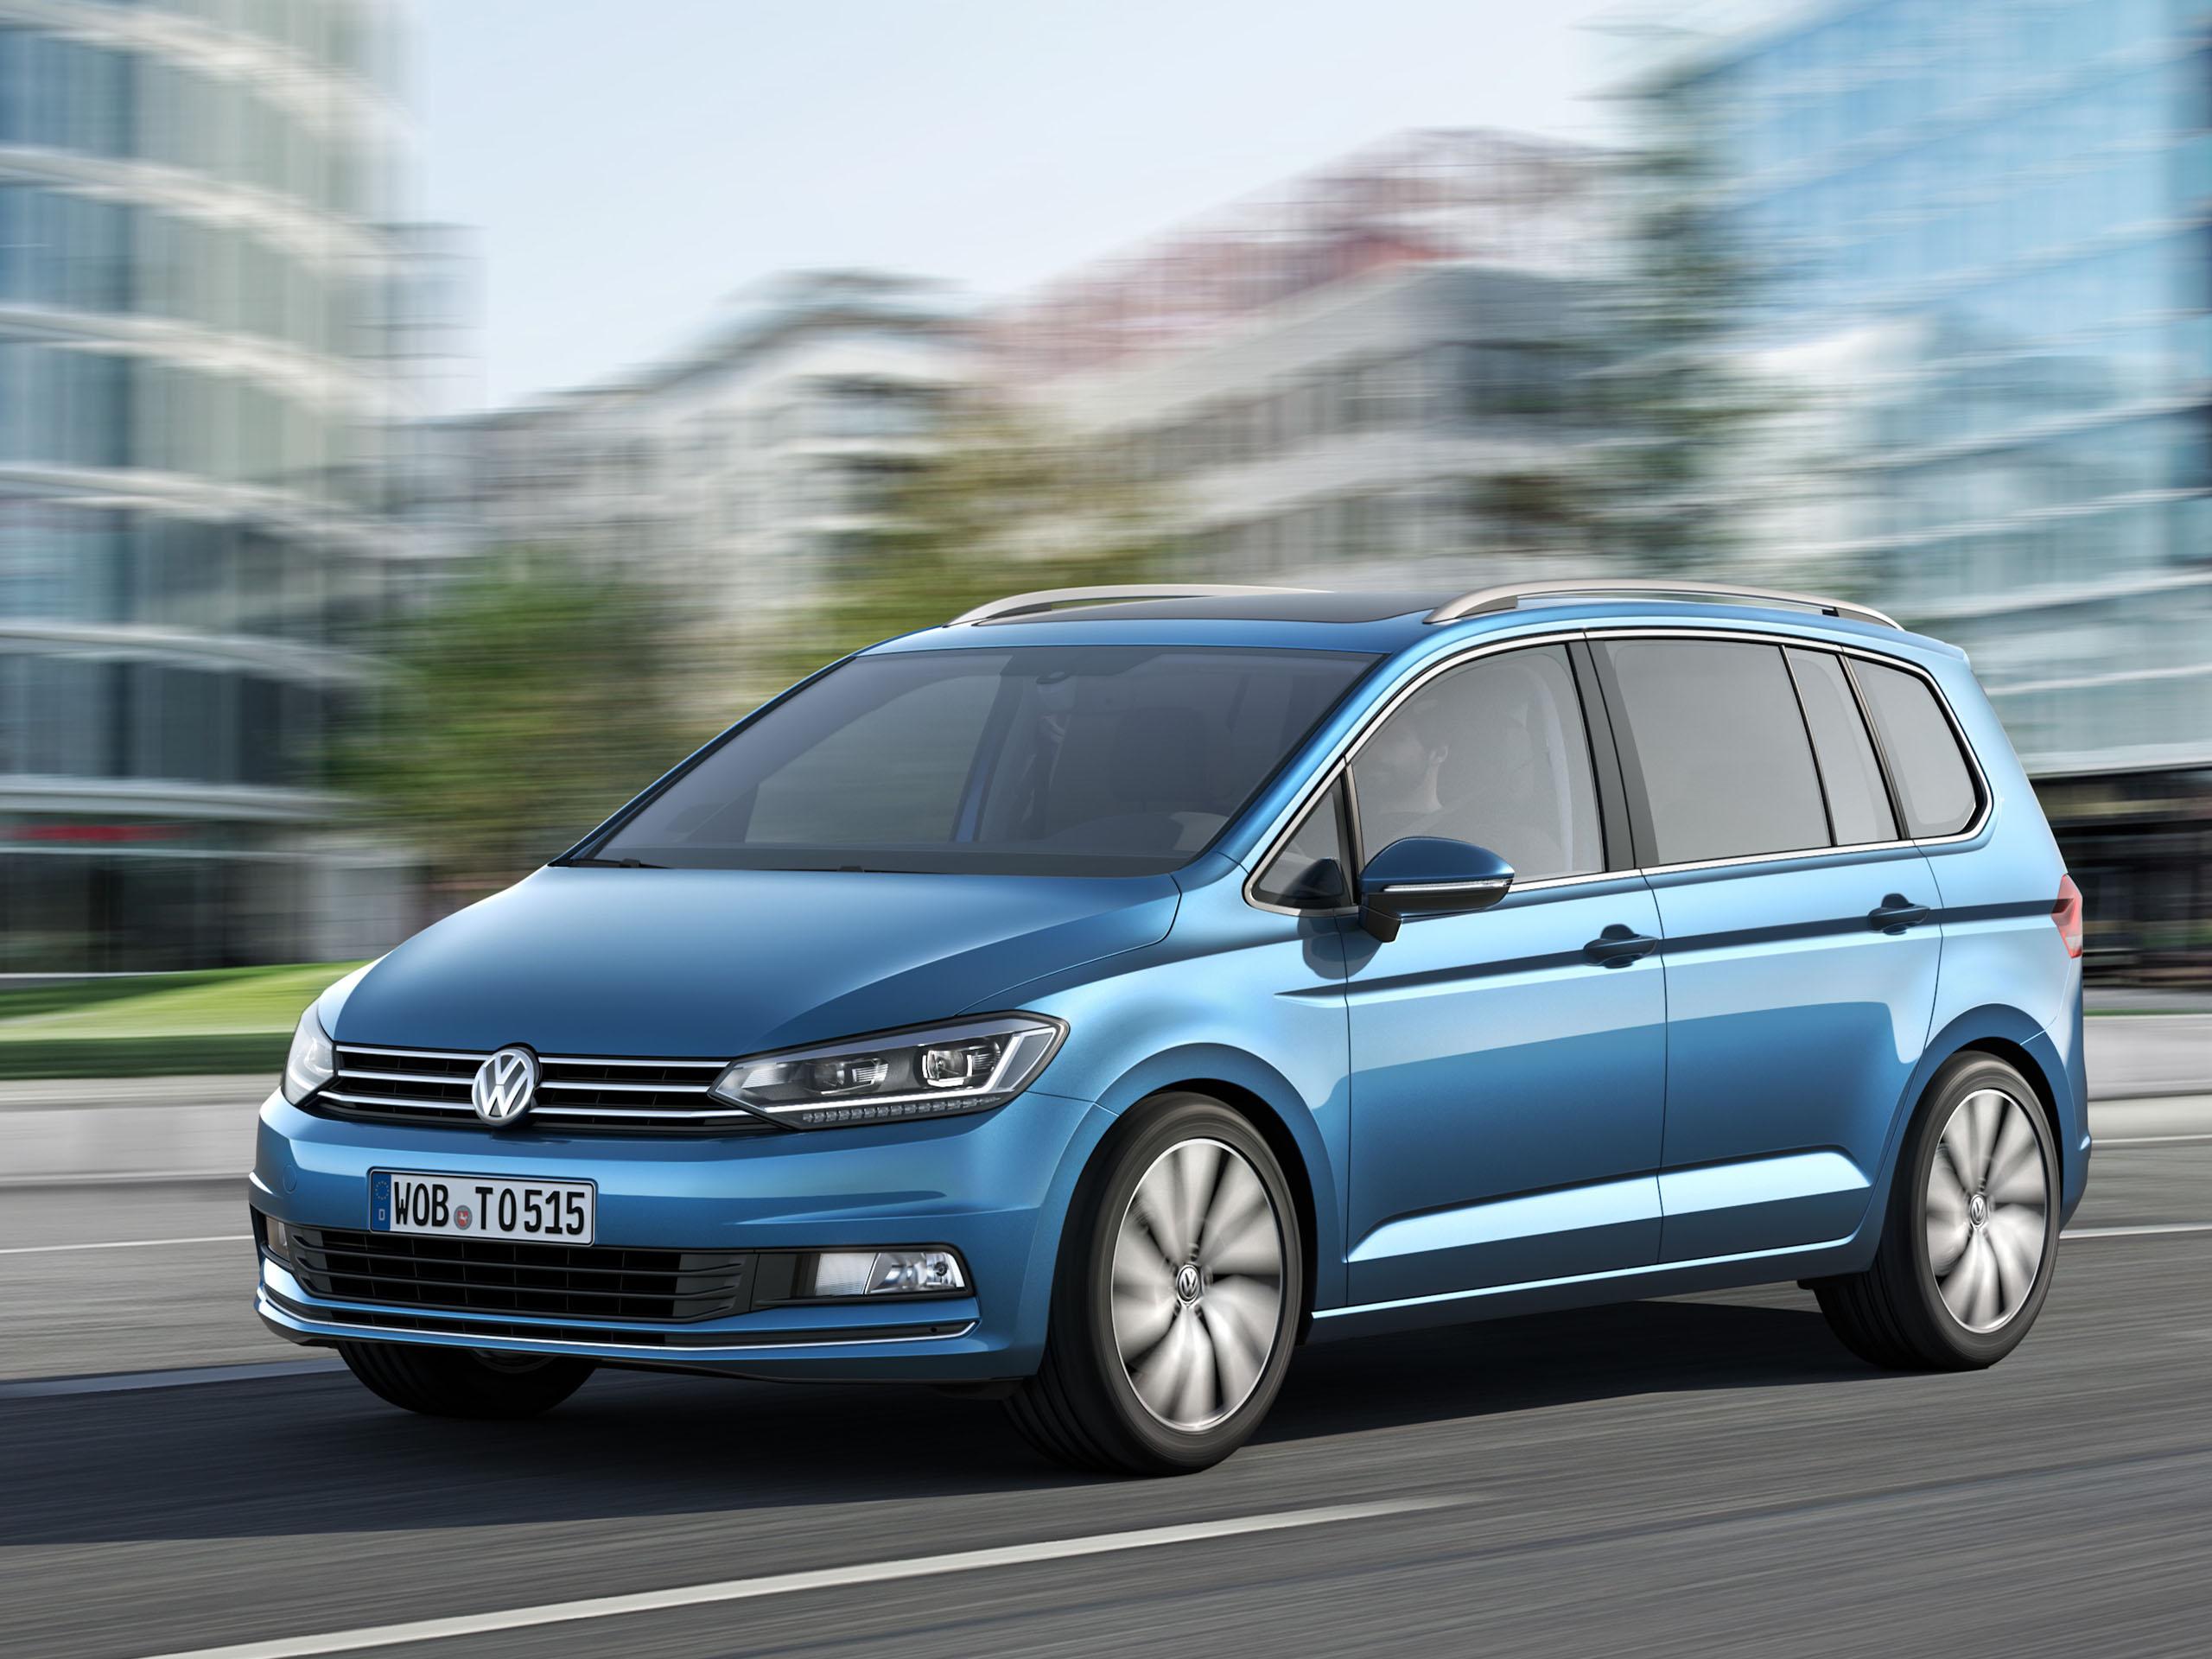 VW Touran | autozeitung.de